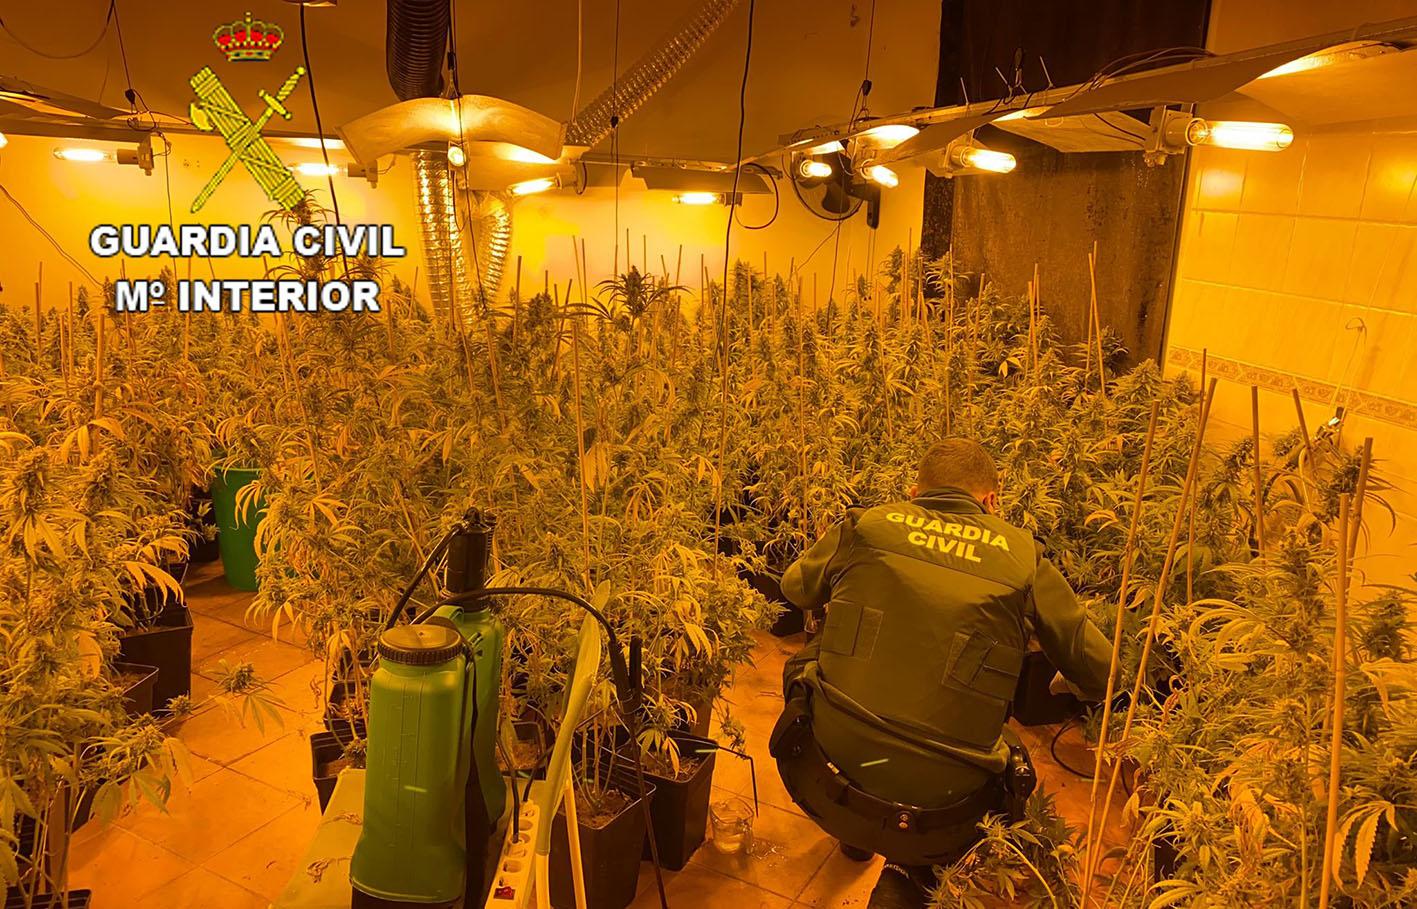 En las dos viviendas registradas había plantaciones ilegales de marihuana.